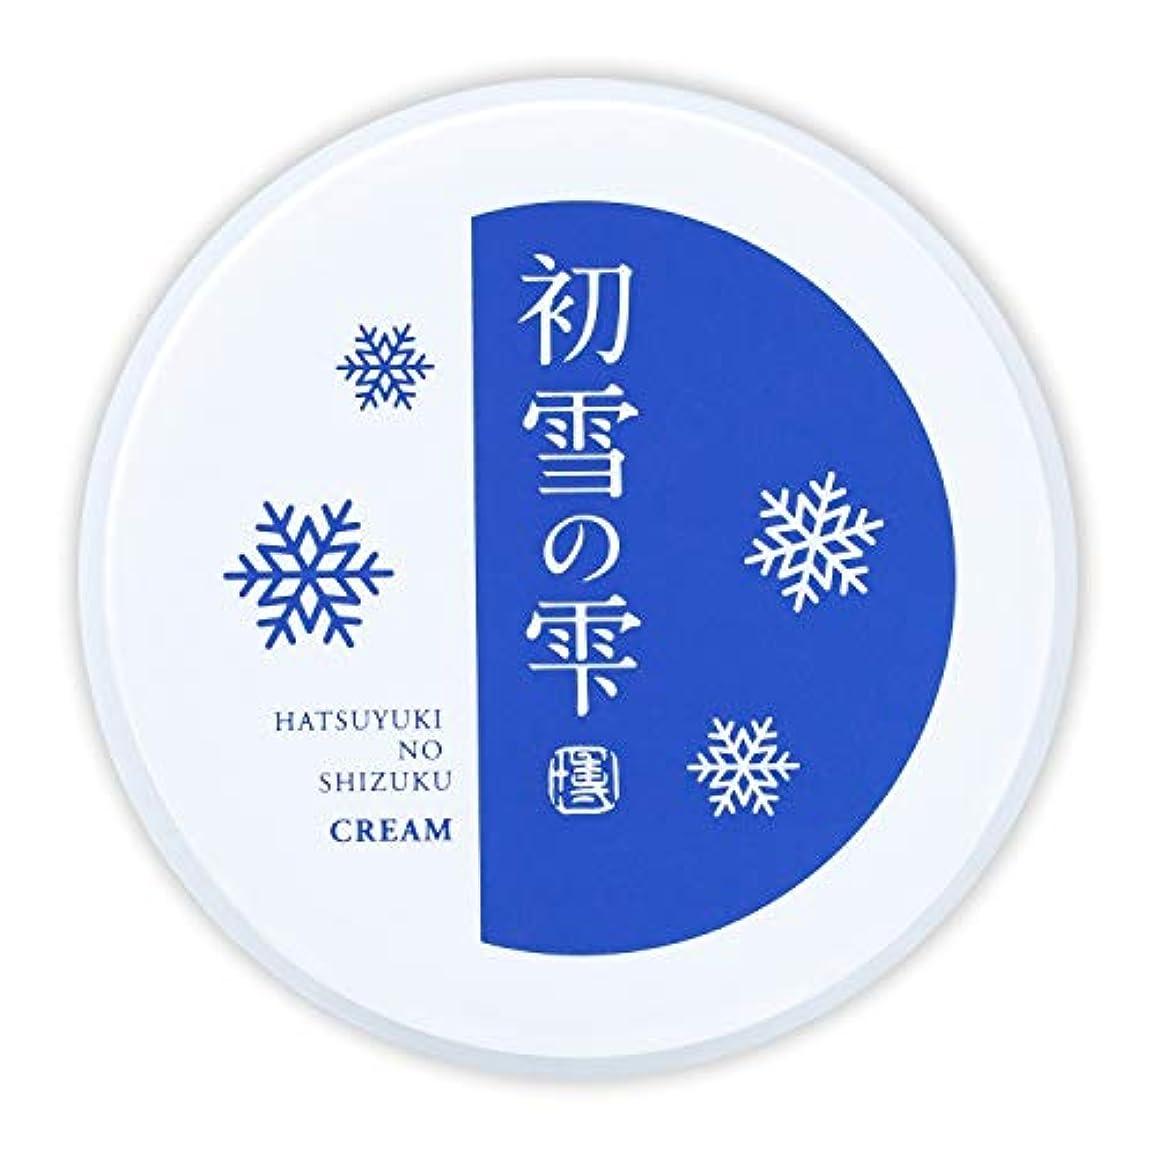 アルコーブ乳登場初雪の雫 オールインワン 保湿 クリーム 27g 約2週間分 [プラセンタ ヒアルロン酸 セラミド アルブチン ビタミンC ]